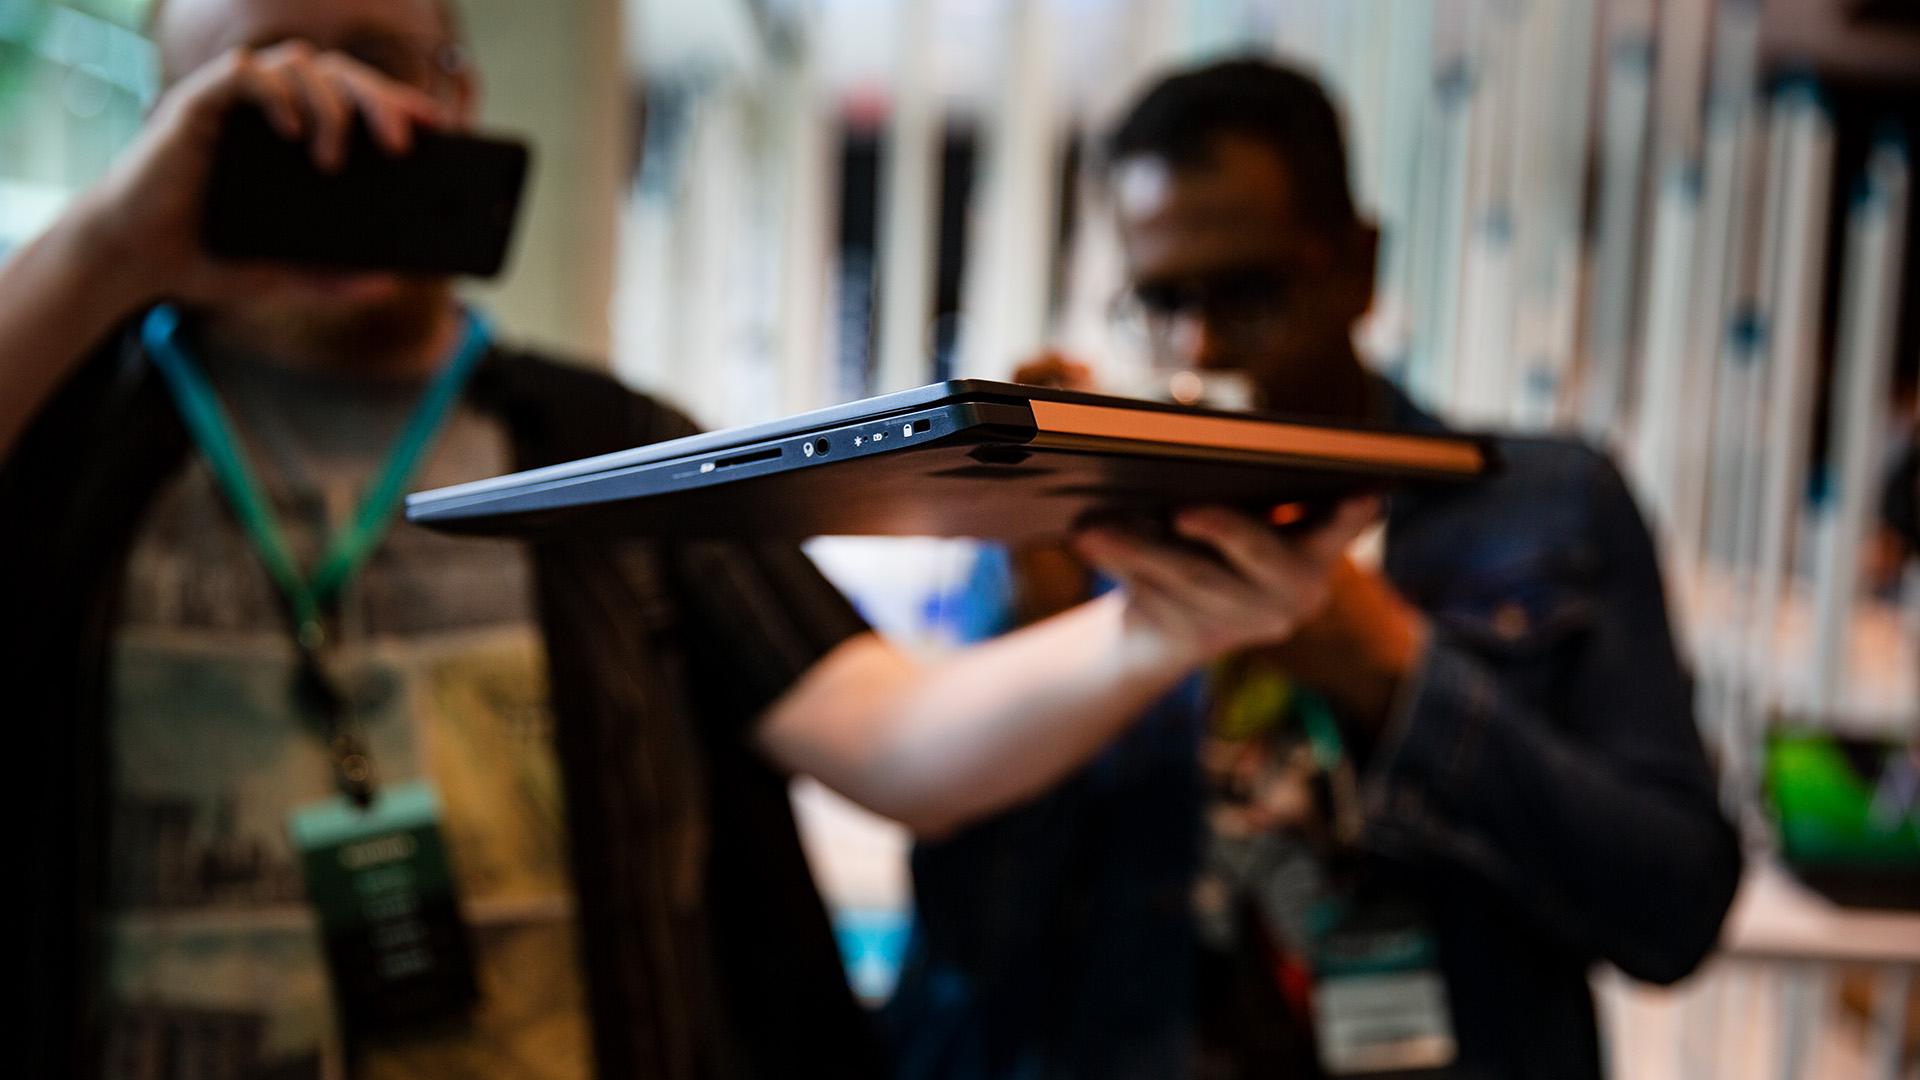 Acer-Portfolio 2018: Nitro-Gaming-PCs mit Ryzen und viele neue Notebooks - Nur 970 Gramm wiegt der mobile PC. (Bild: Robert Kern/Golem.de)